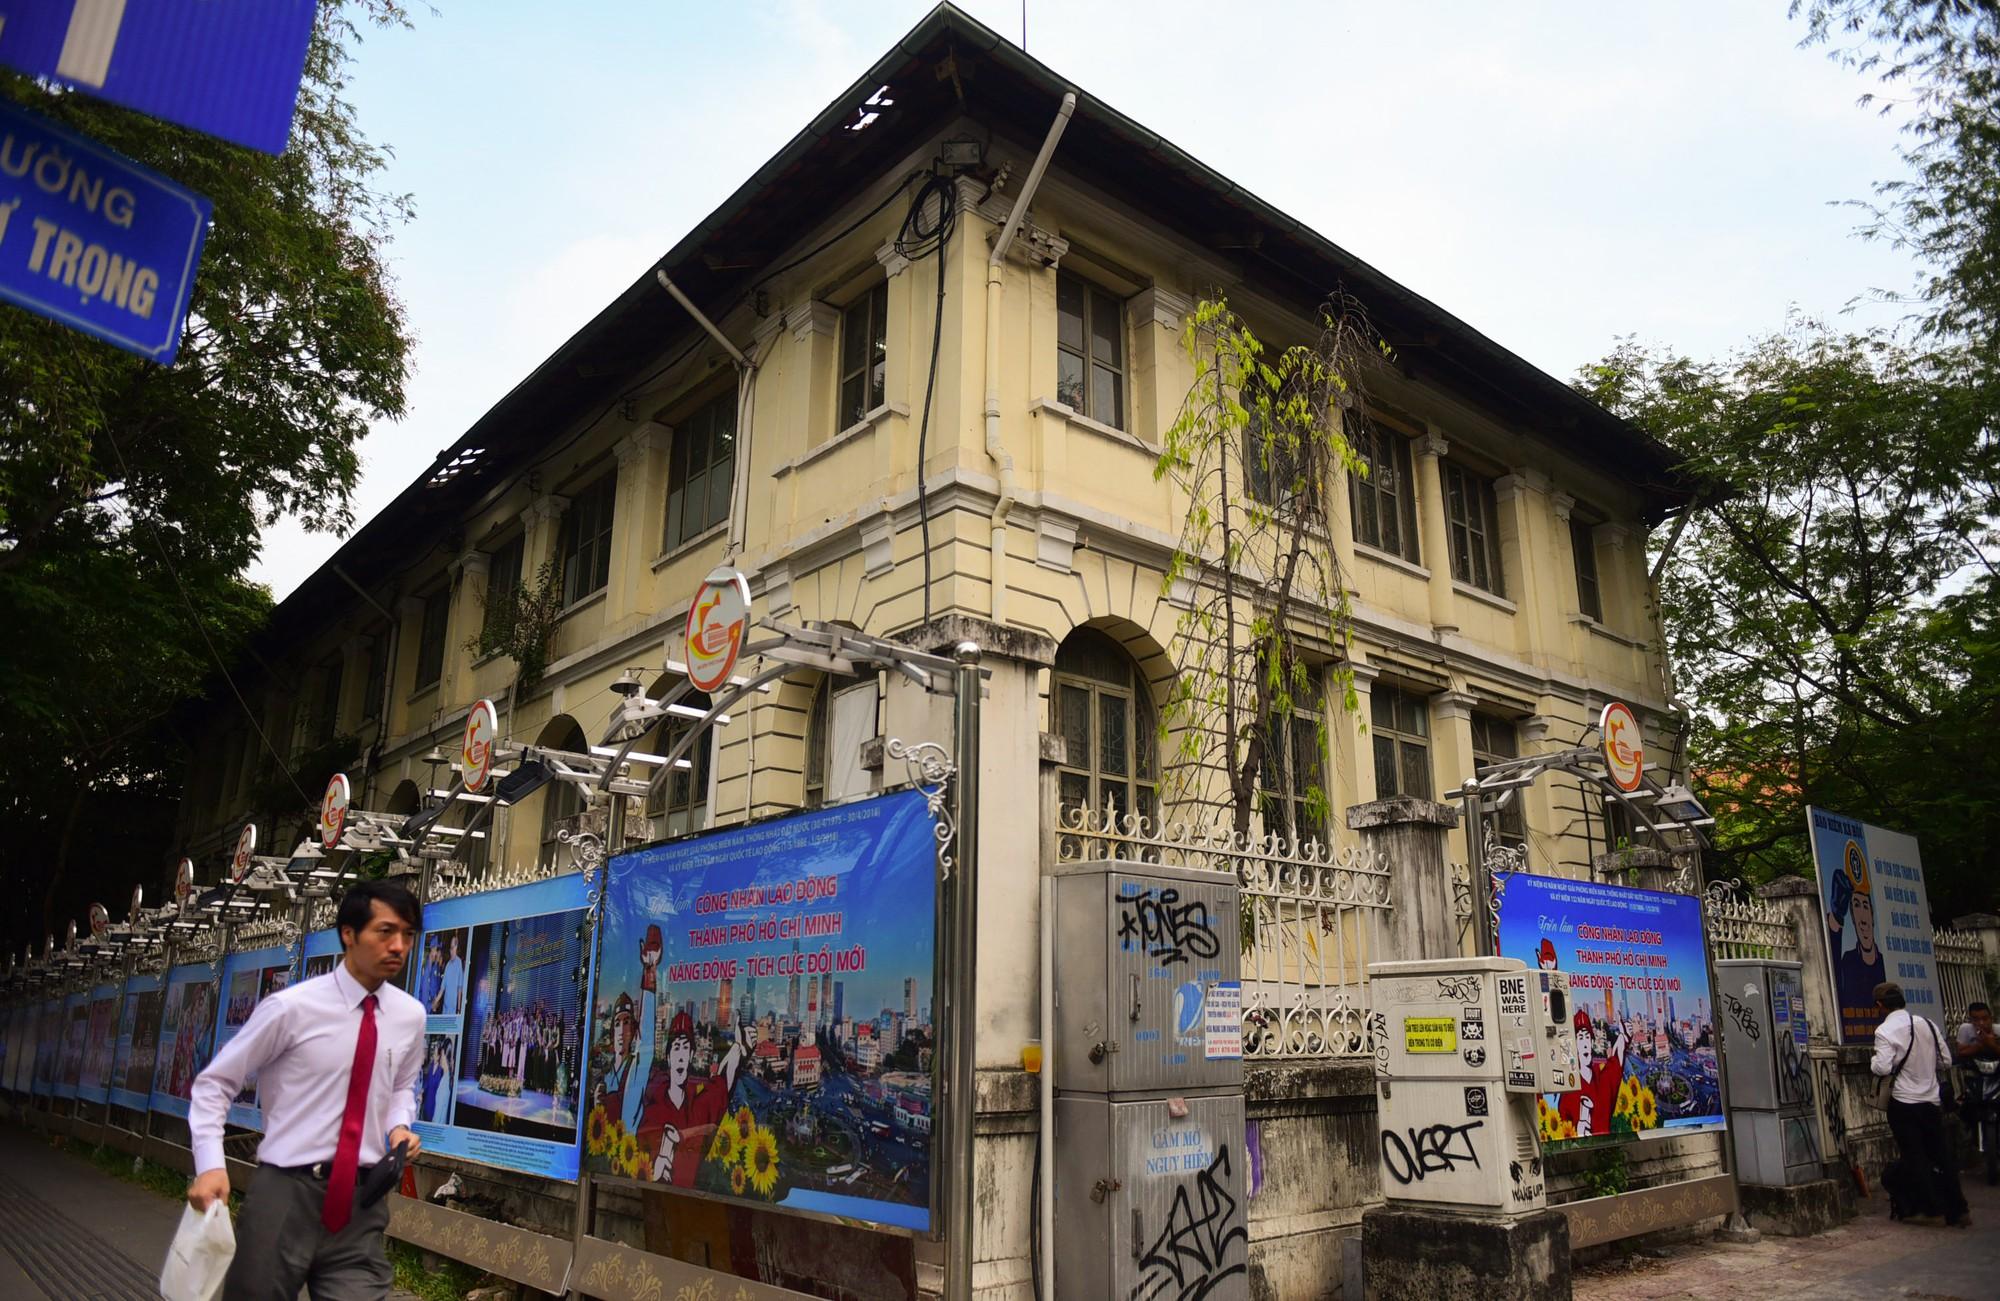 Cận cảnh dinh Thượng Thơ 120 năm tuổi ở Sài Gòn có nguy cơ bị đập bỏ - Ảnh 16.